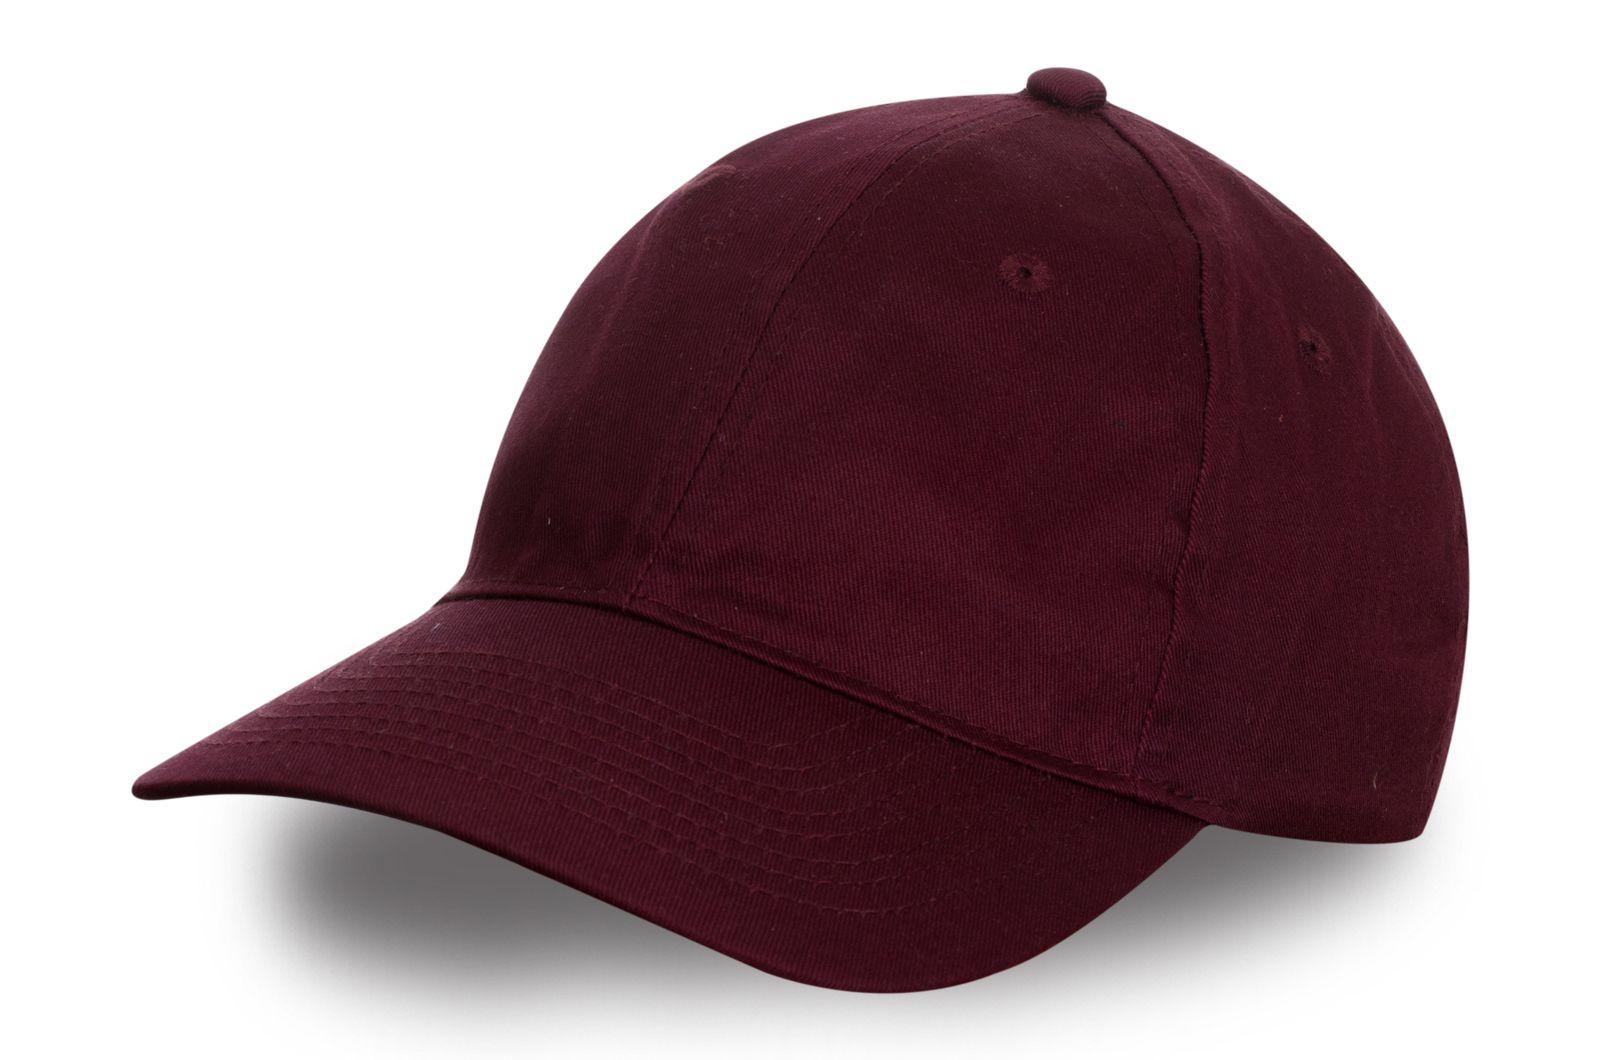 Бейсболка бордового цвета | Купить бейсболки в интернет-магазине